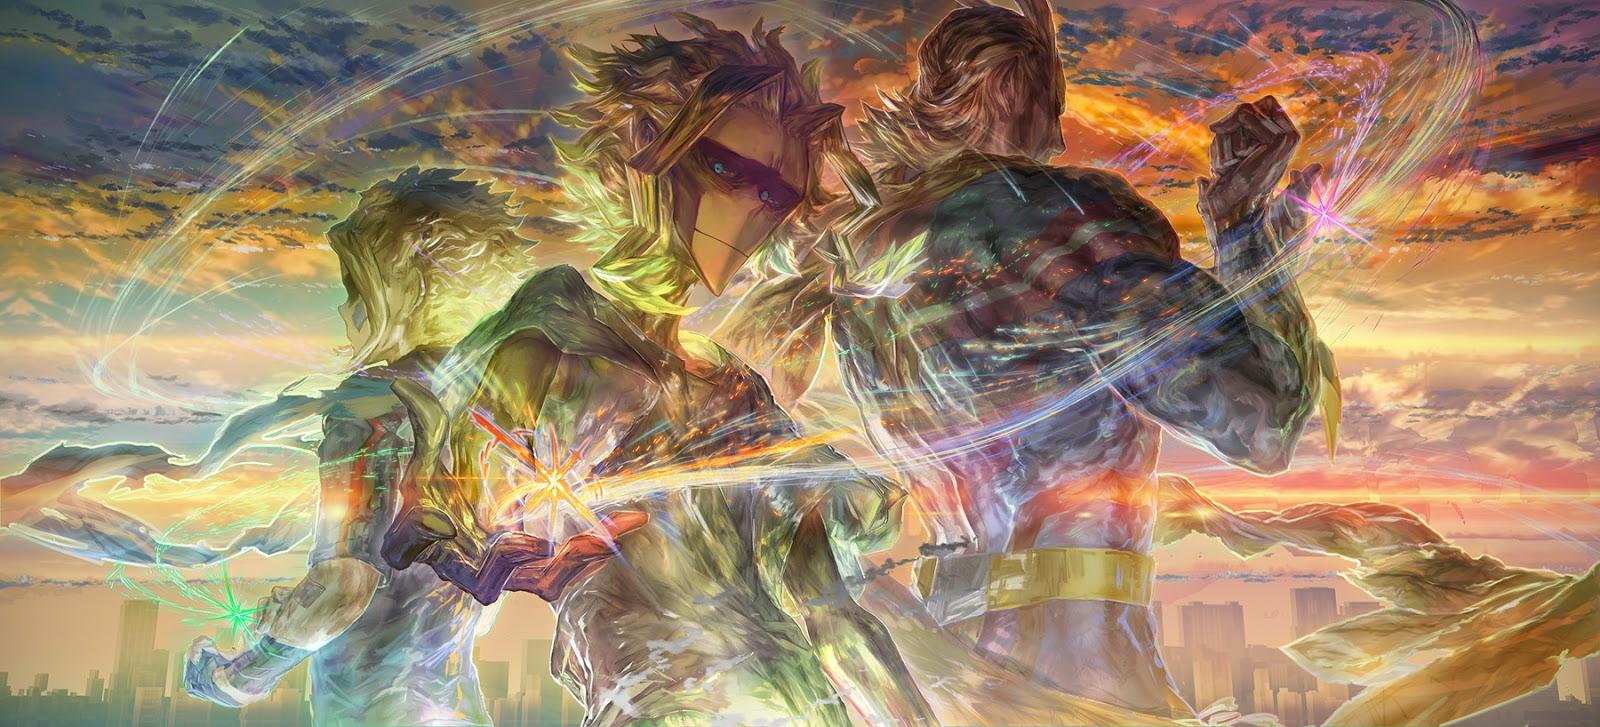 Boku no Hero Academia Chapter 142-2